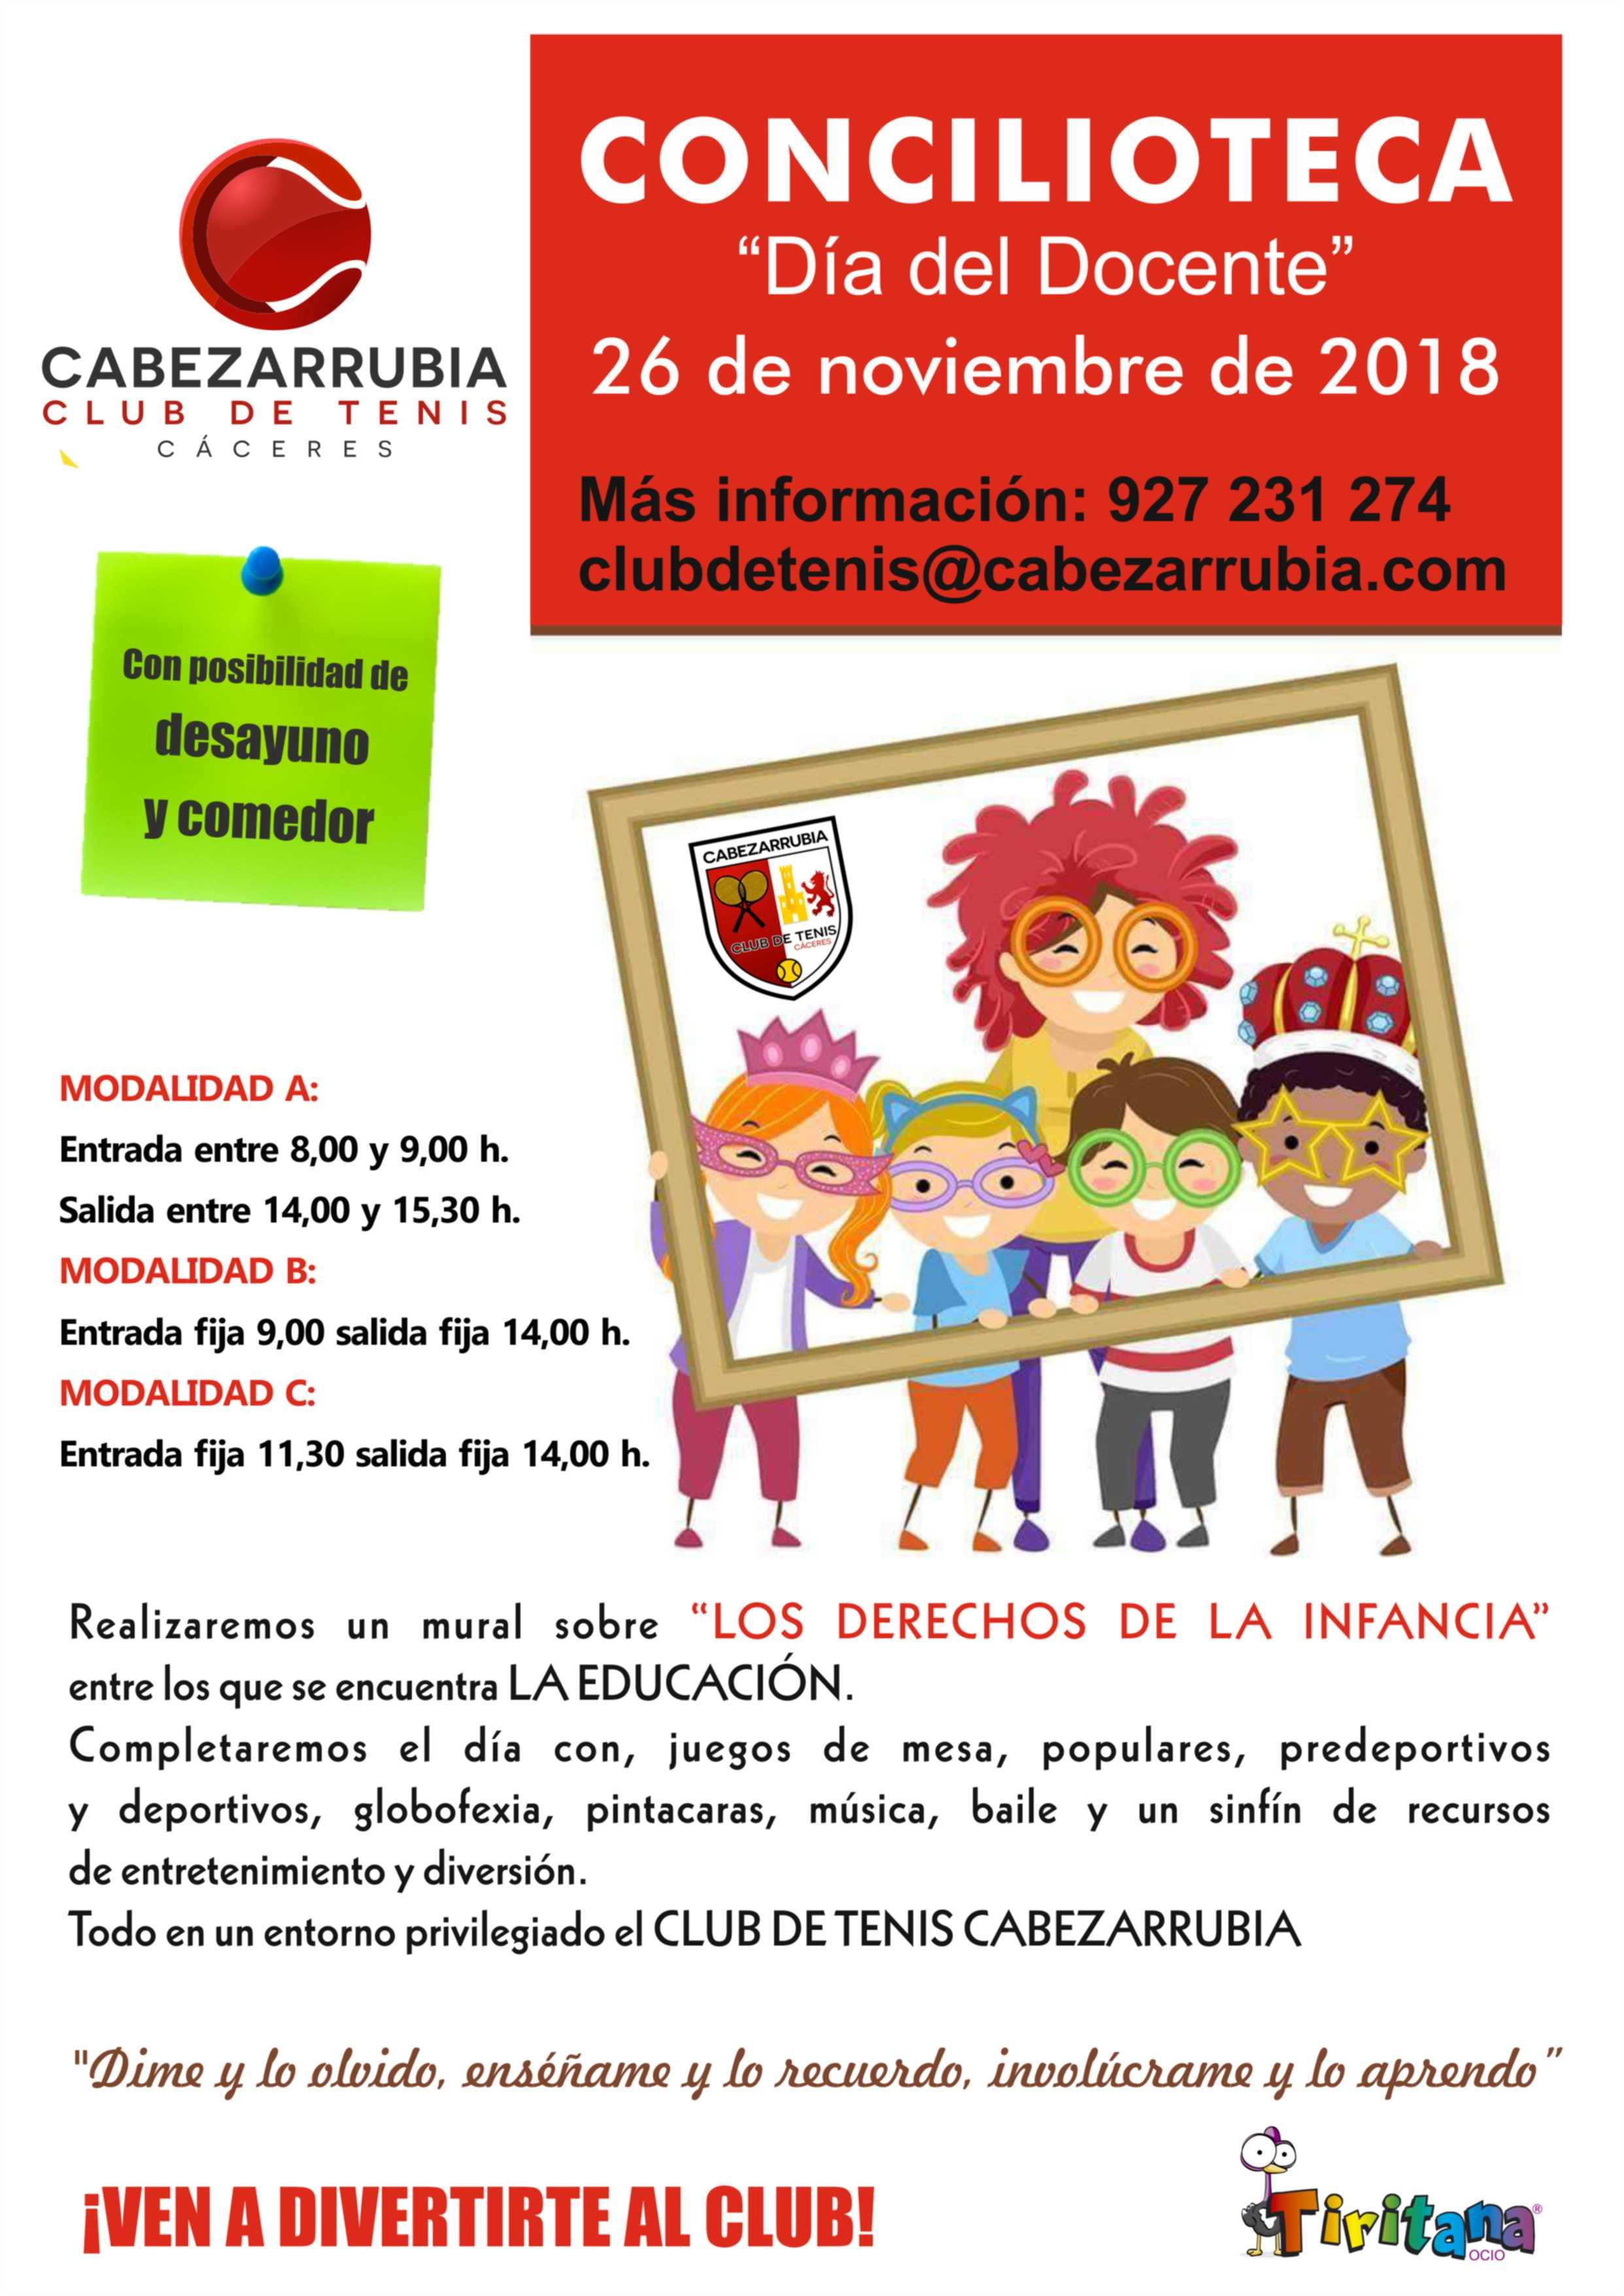 Cartel Día del Docente 2018 cabezarrubia